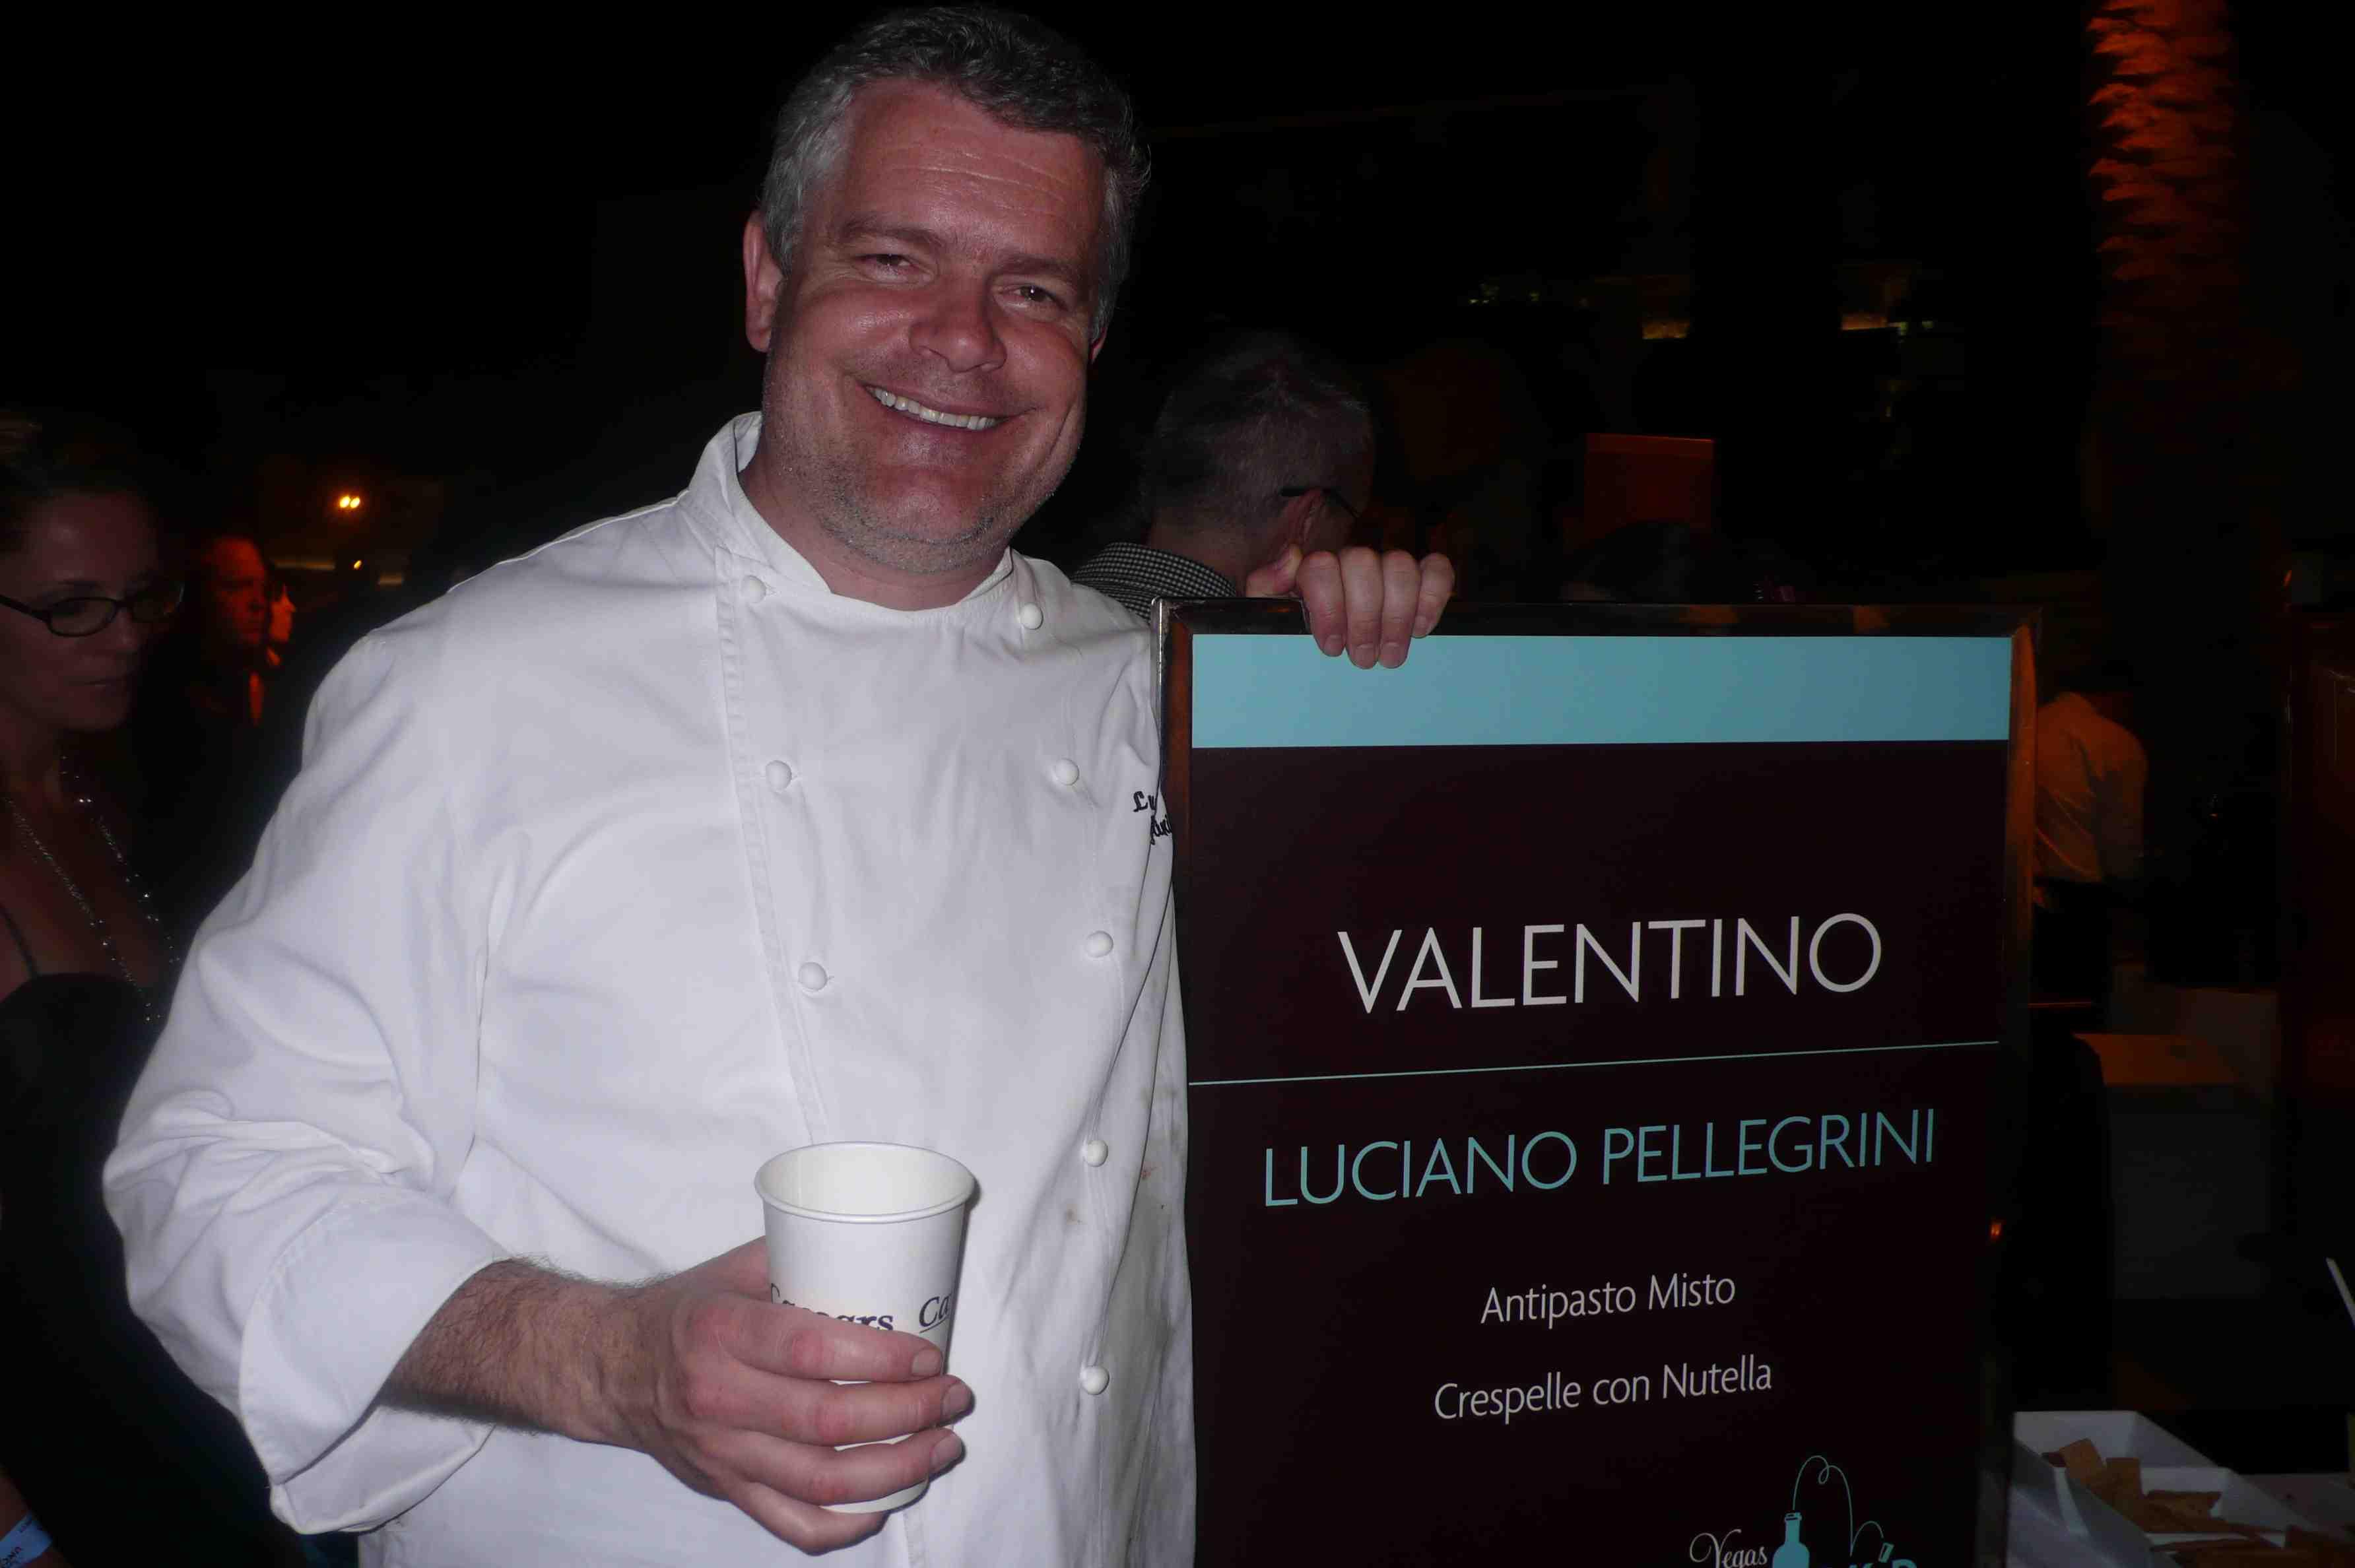 Valentino chef Luciano Pellegrini